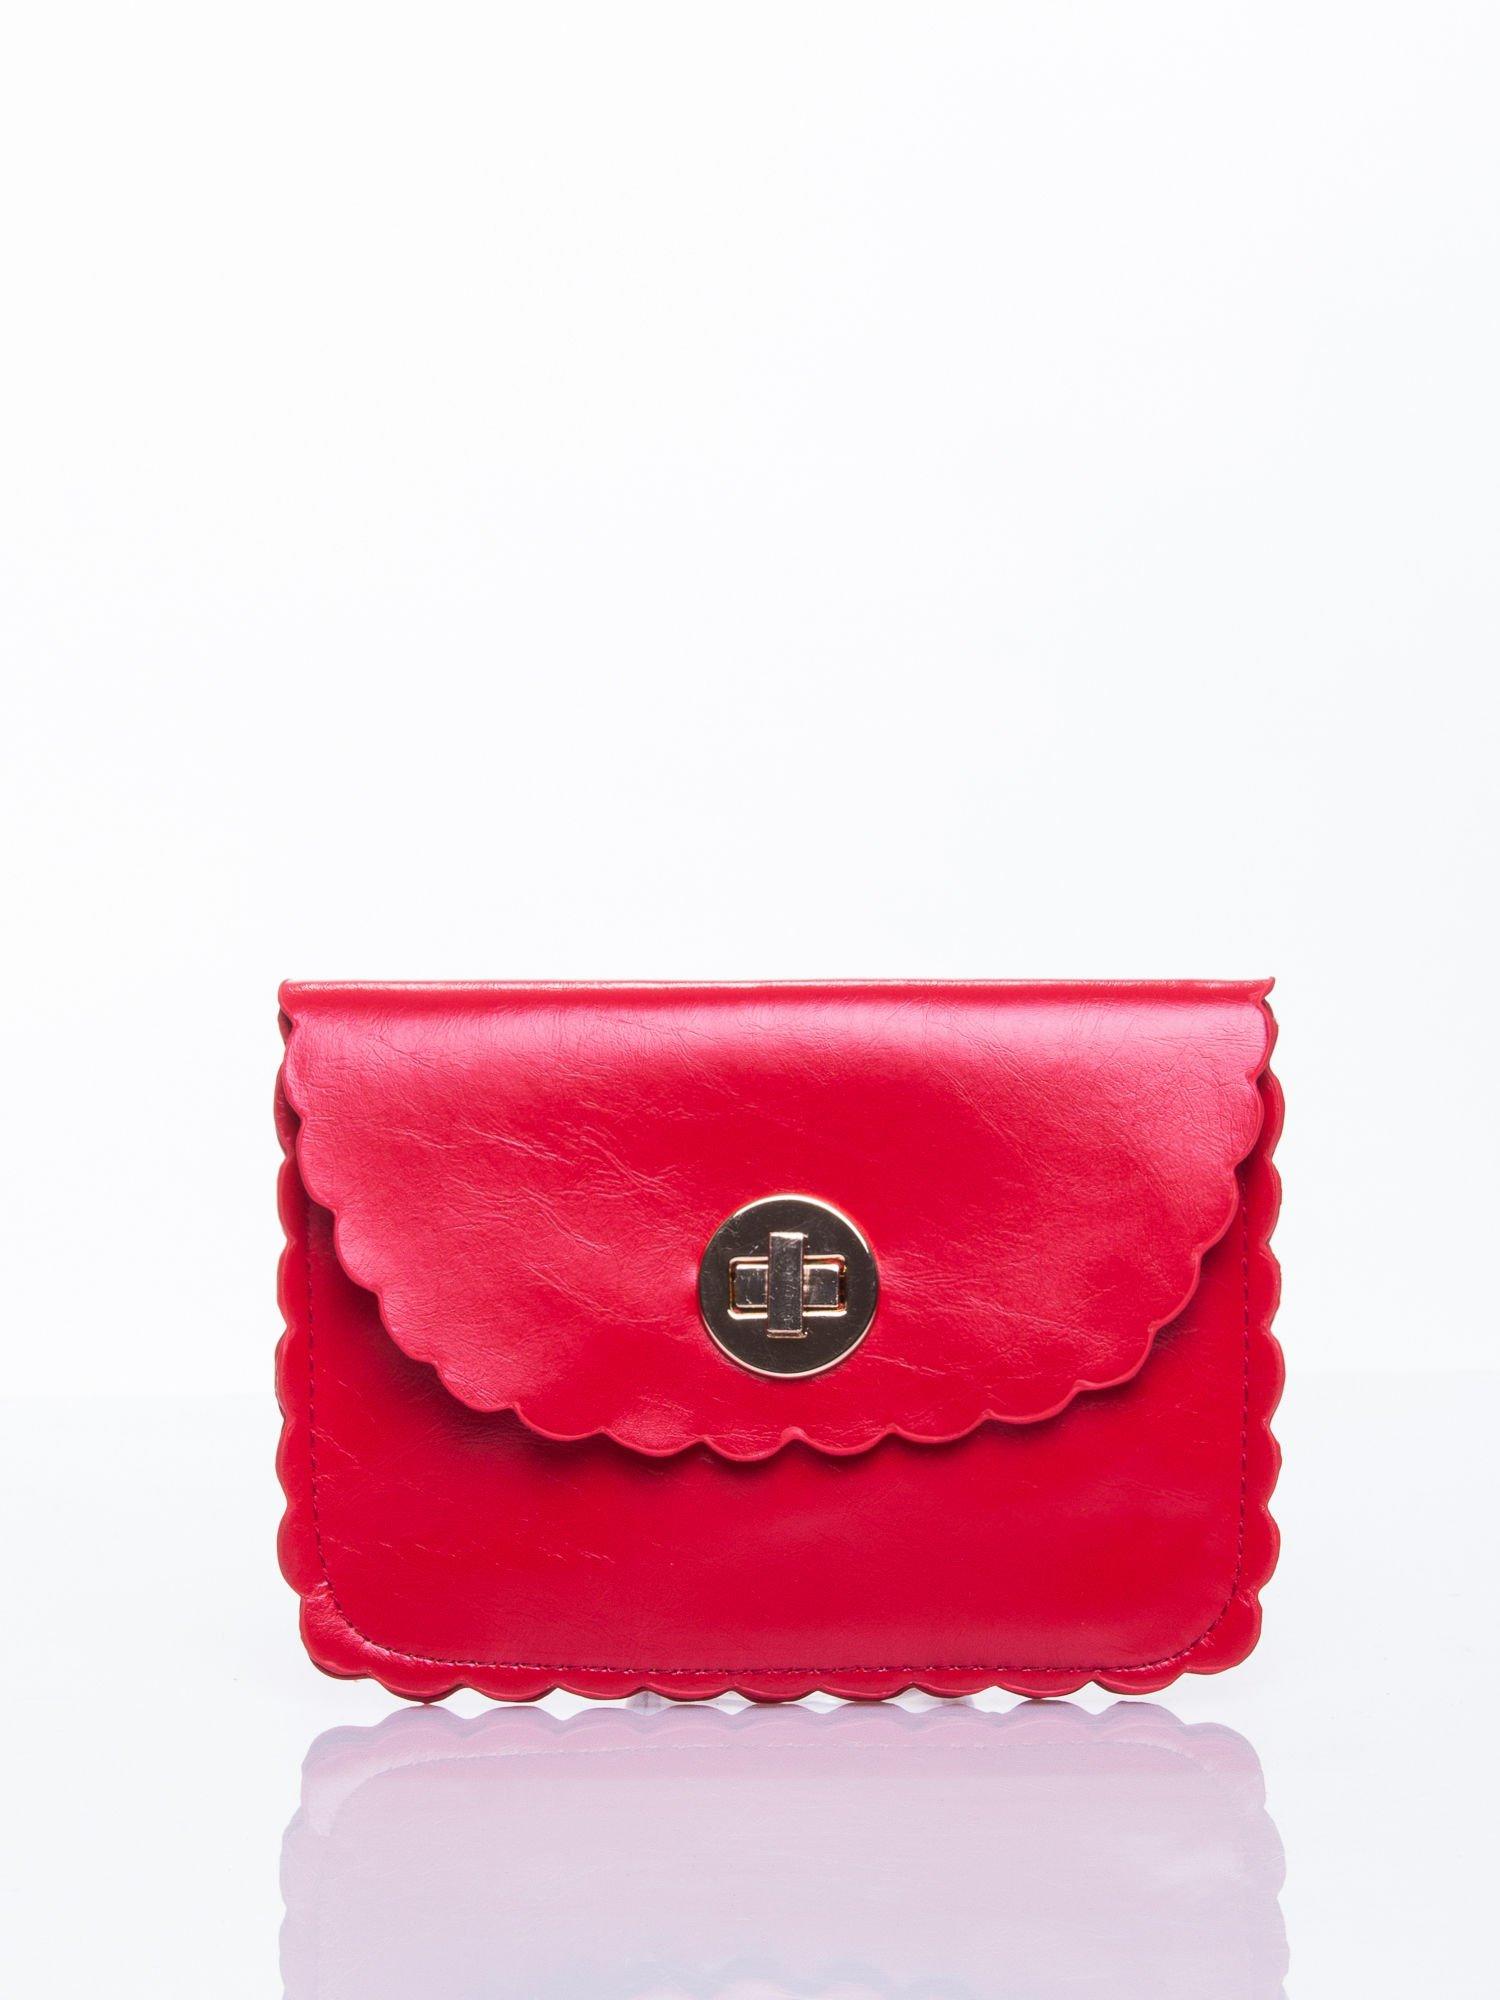 Czerwona torebka listonoszka z falowanym wykończeniem                                  zdj.                                  1